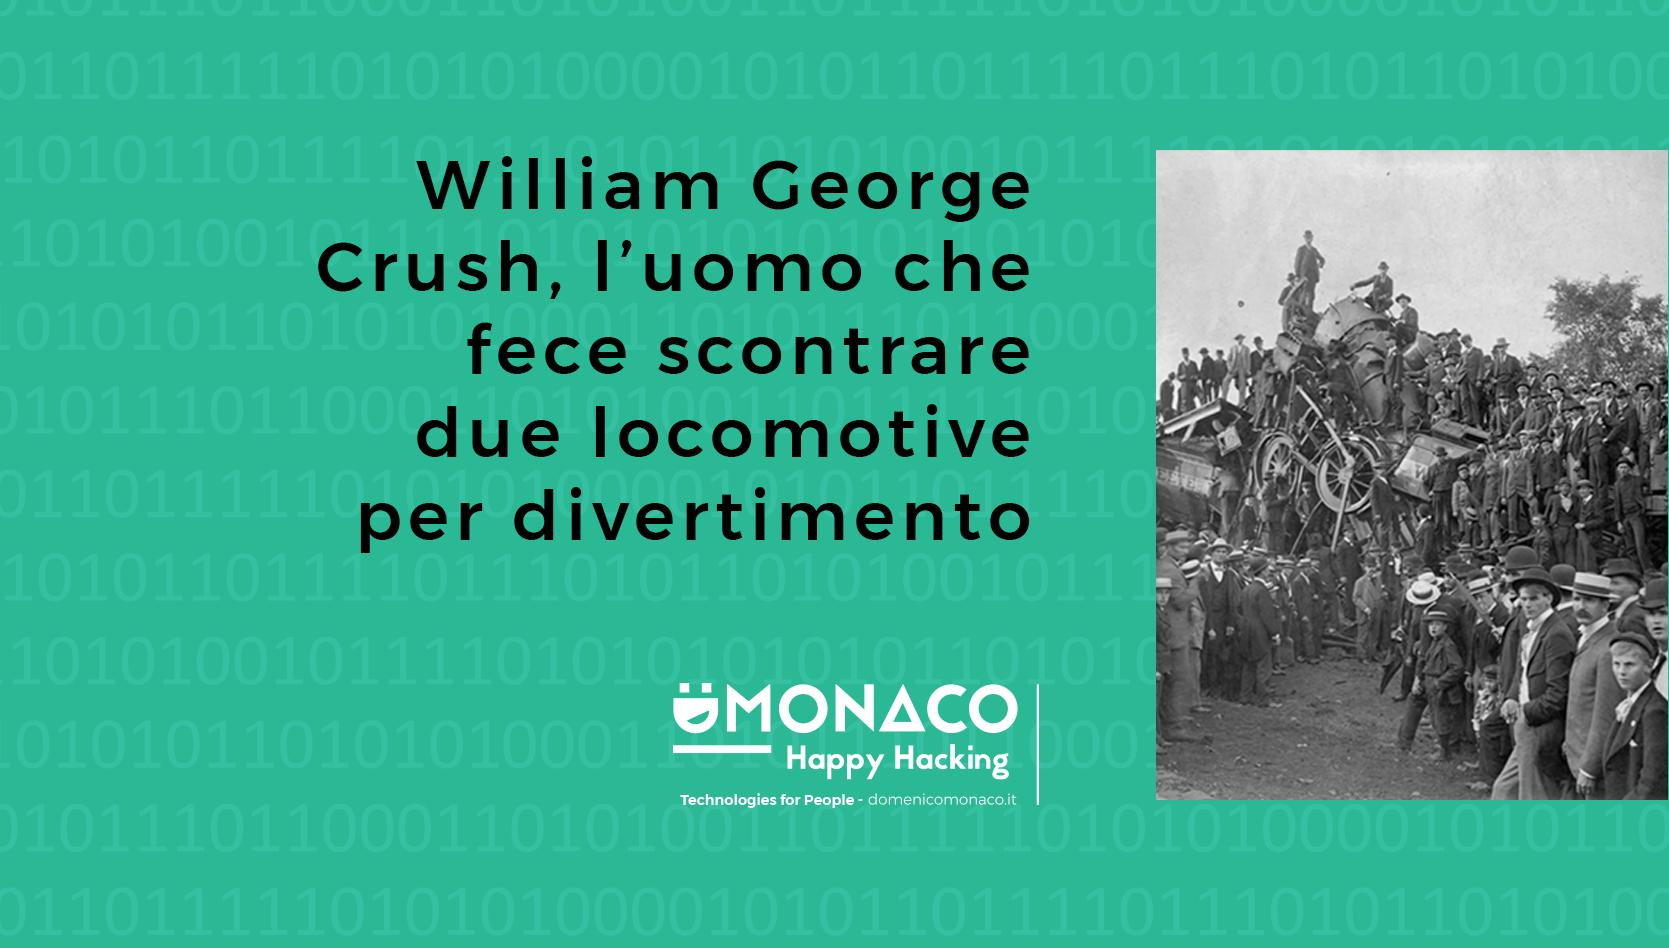 William George Crush, l'uomo che fece scontrare due locomotive per divertimento